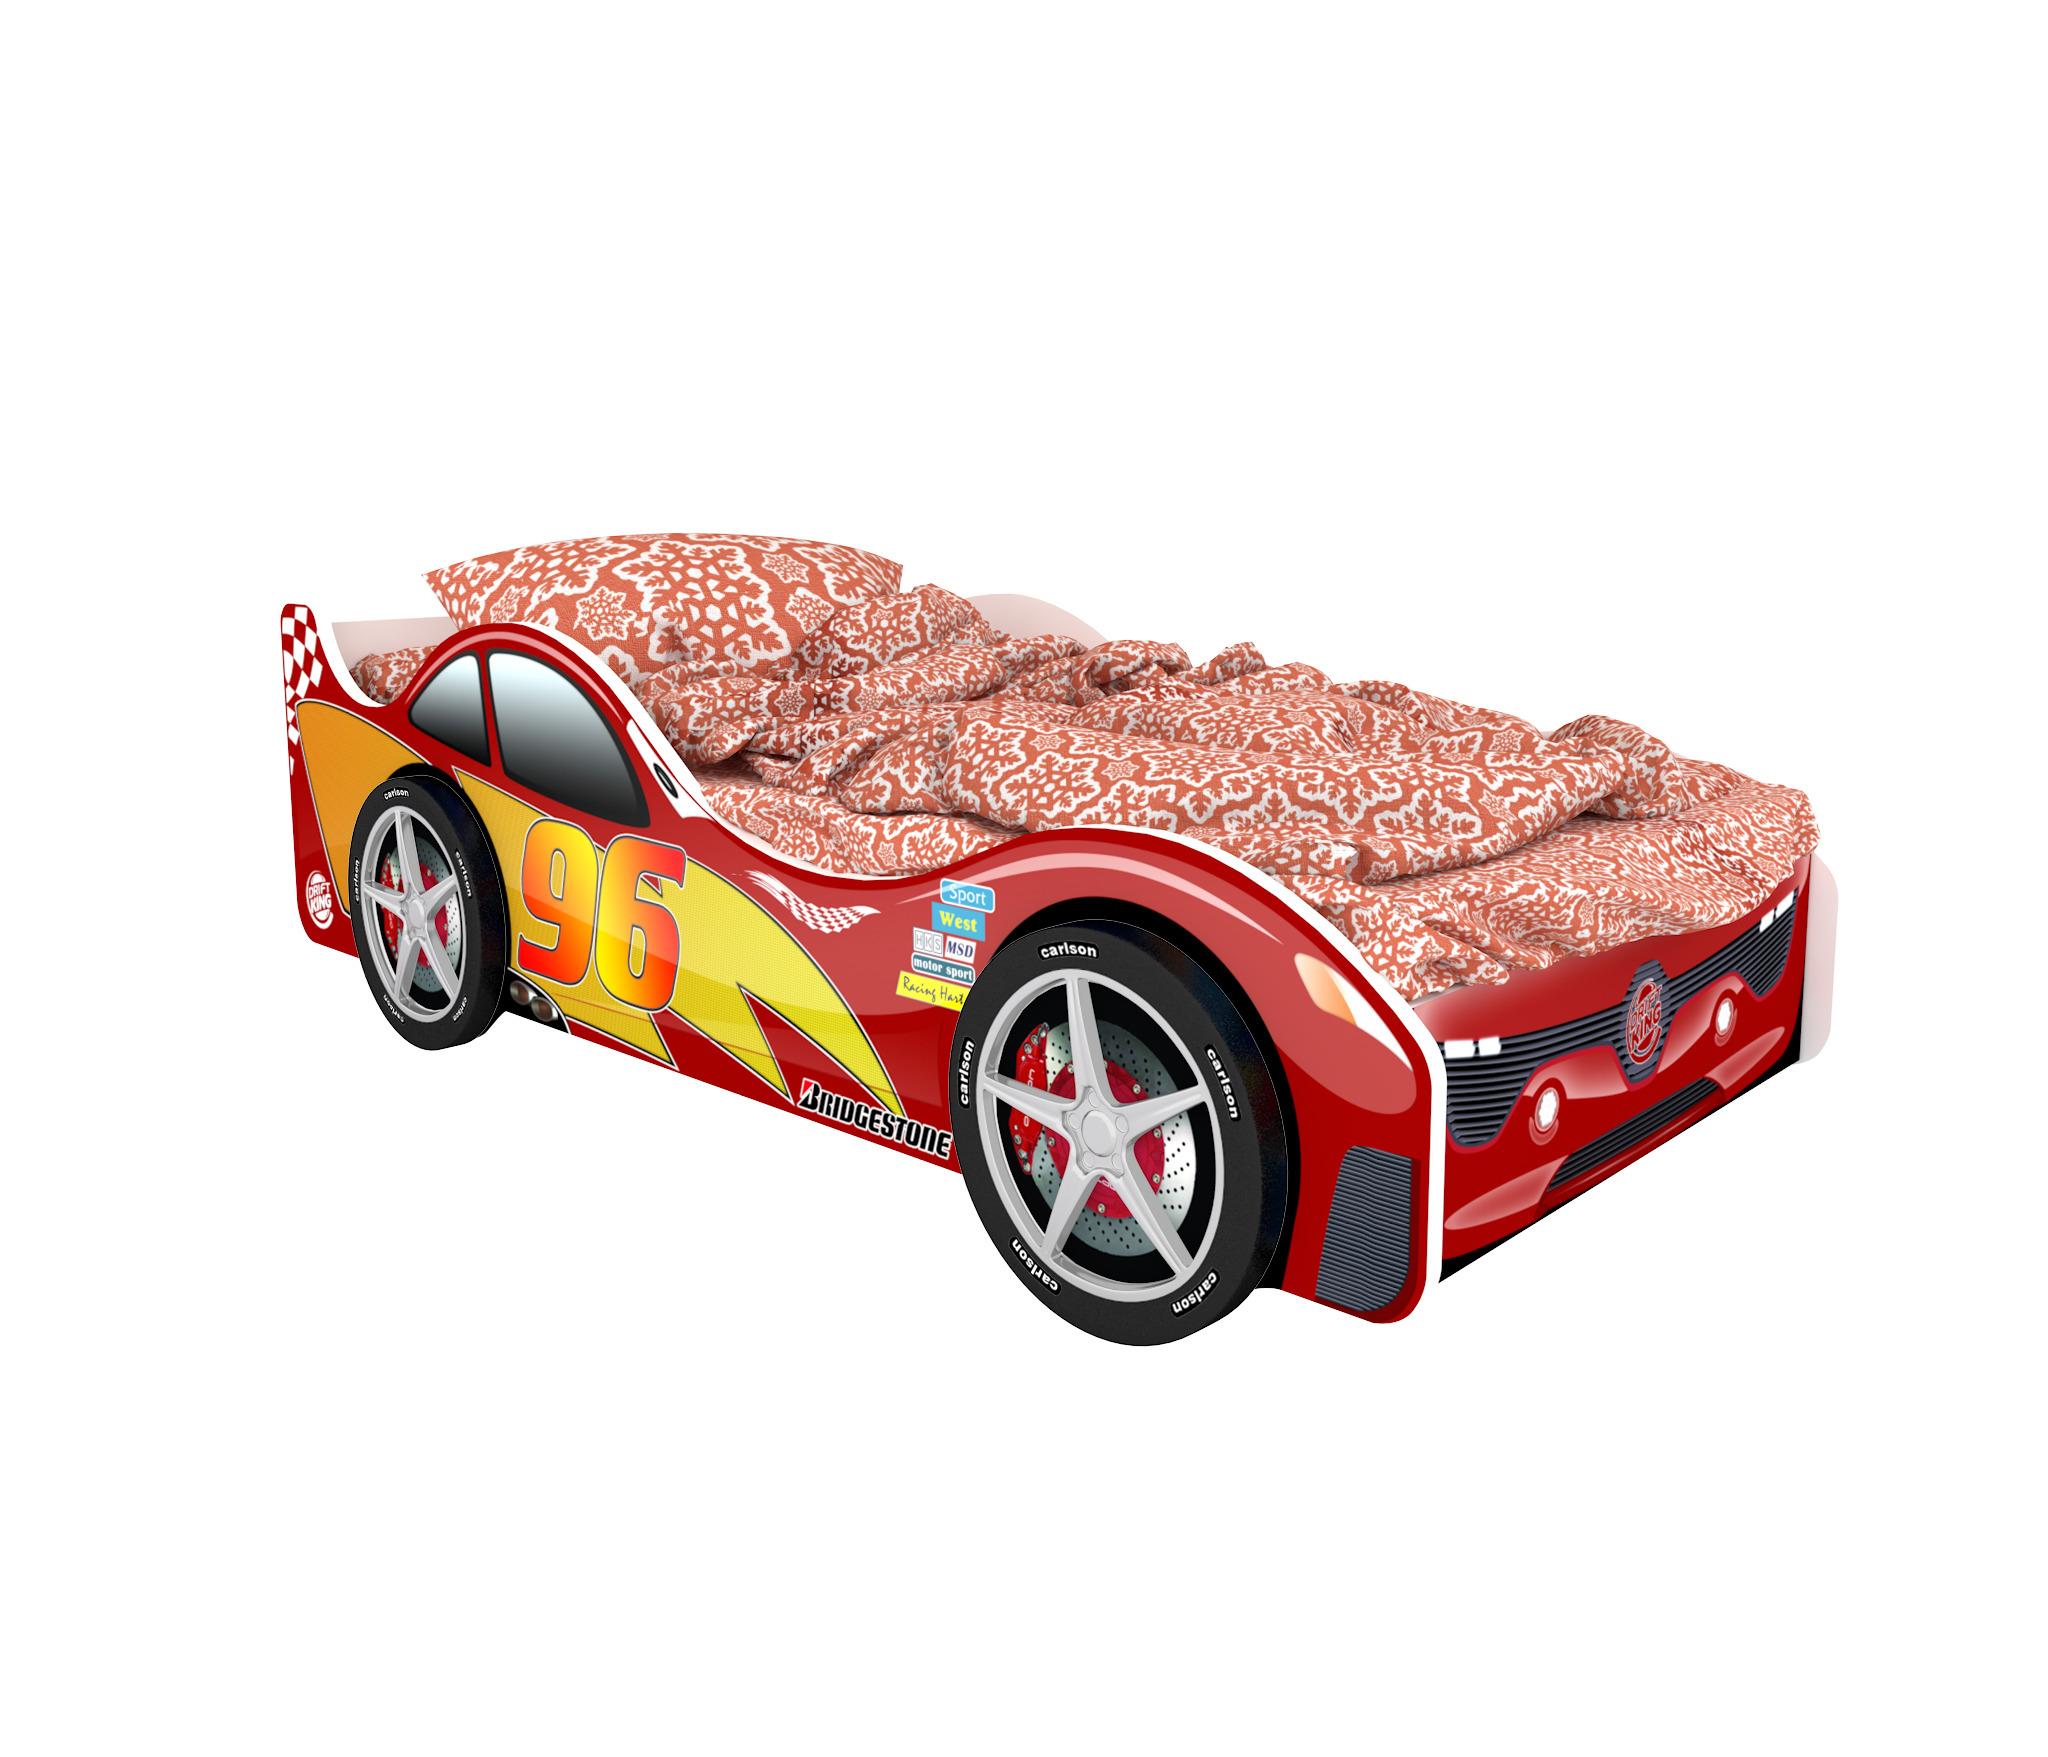 Кровать машина ТокиоКровати - машины<br><br><br>Длина мм: 1700<br>Высота мм: 500<br>Глубина мм: 750